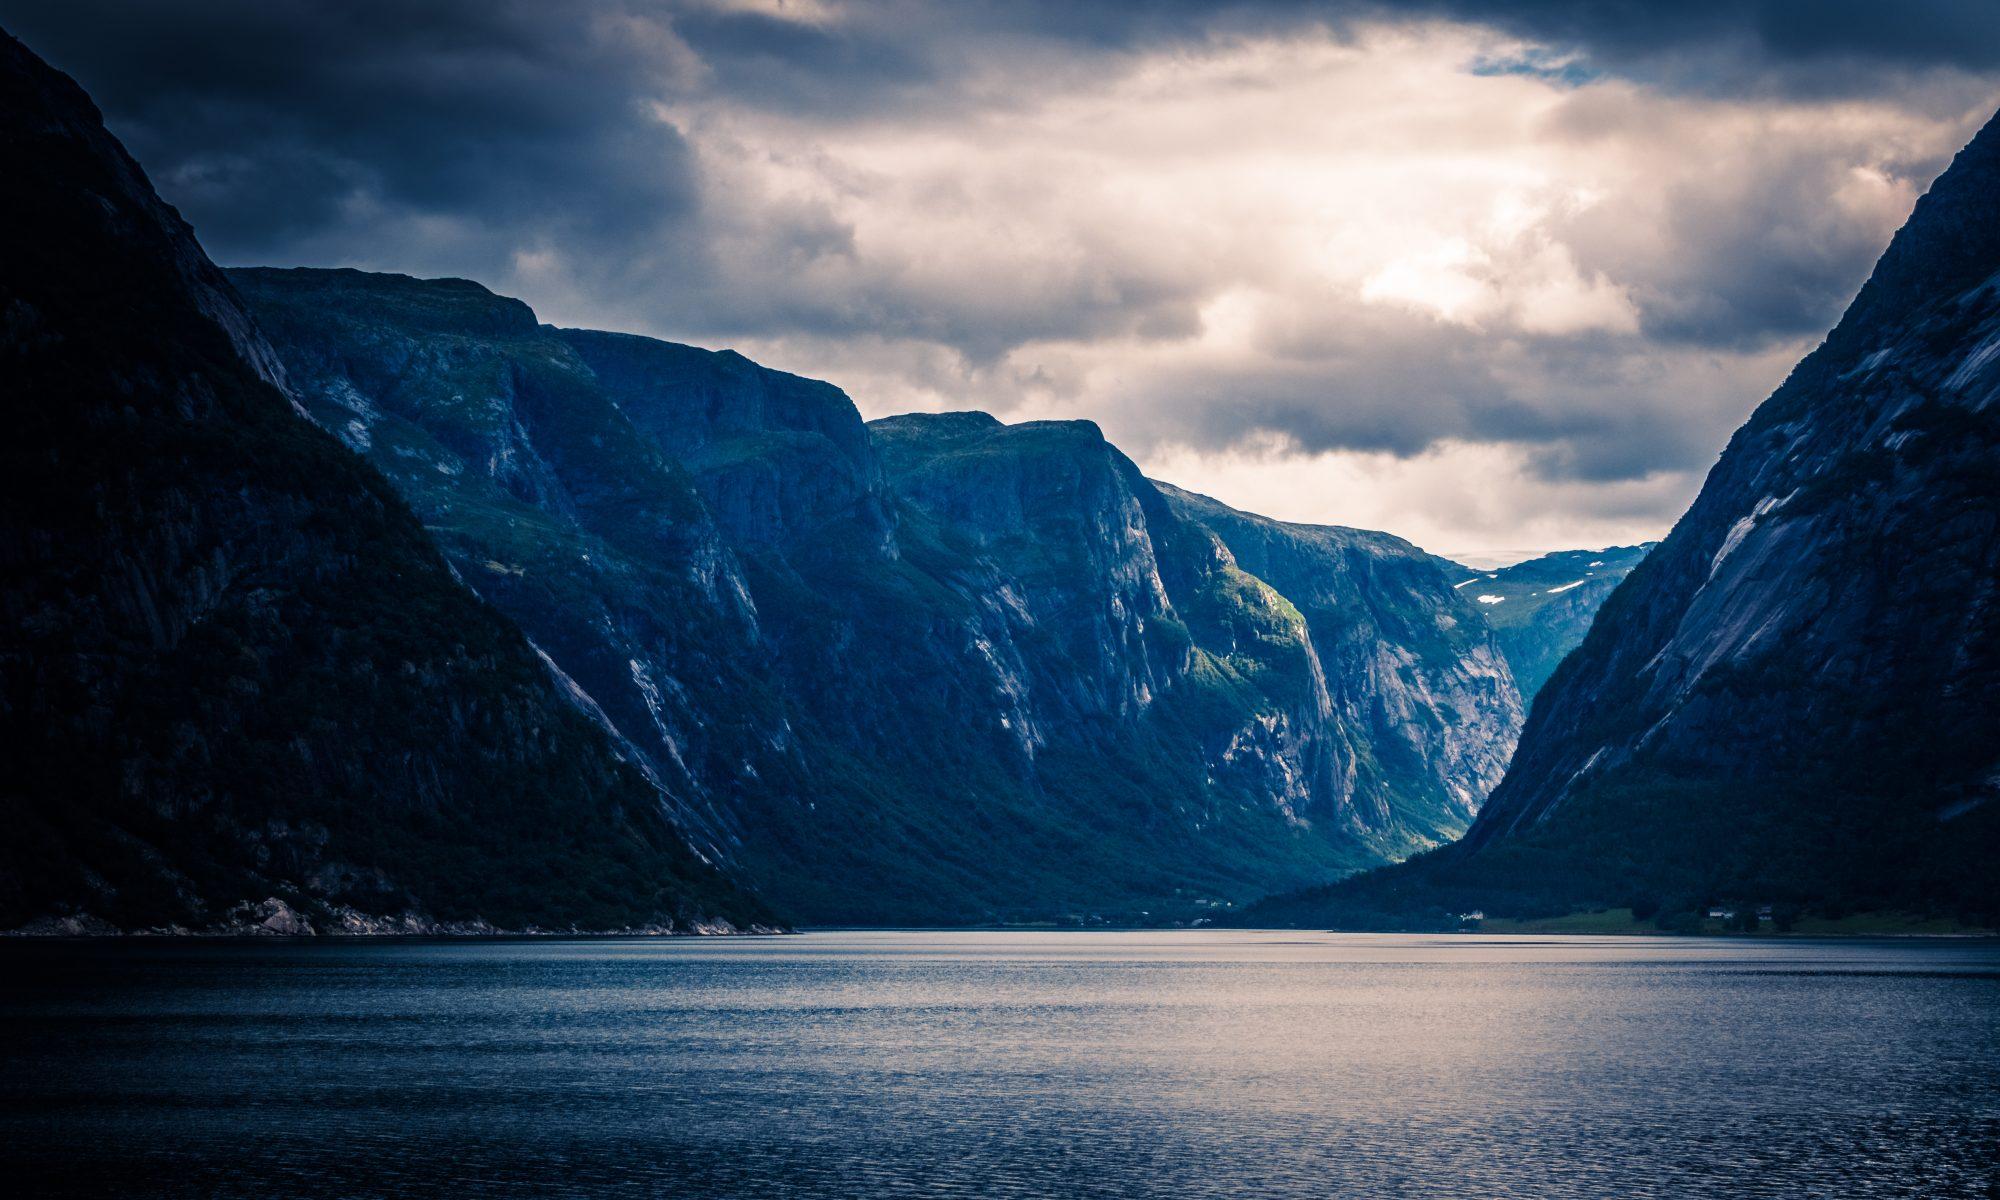 Et vanlig syn for sjåfører fra Aurmo som ordner frakt i Norge